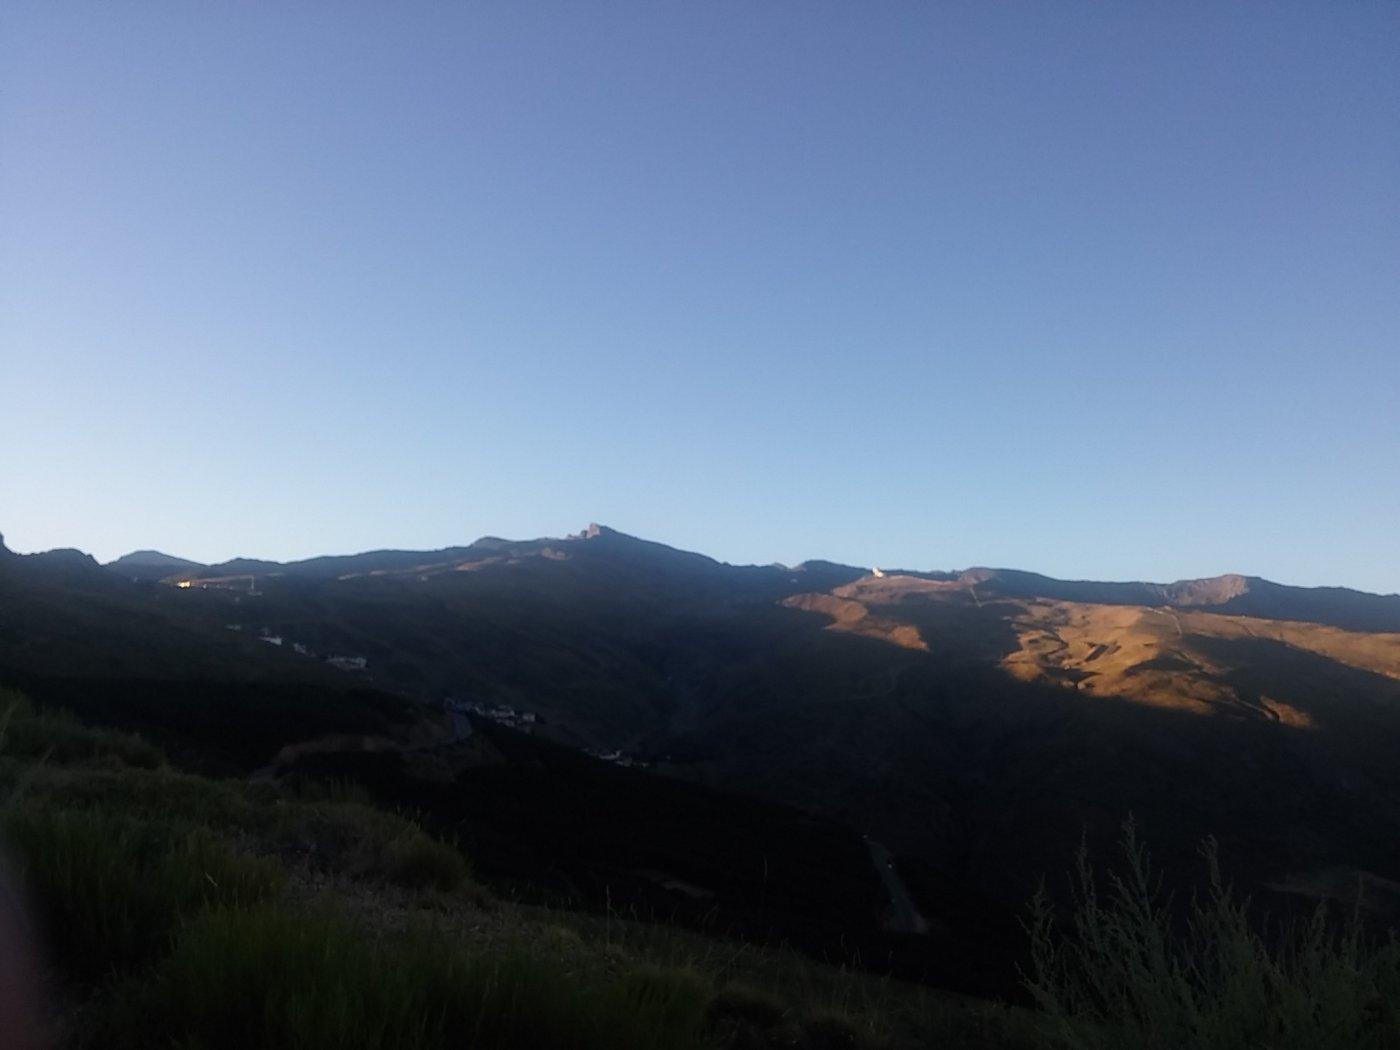 Pico de Veleta e Mulhacen in vista lungo la strada di avvicinamento